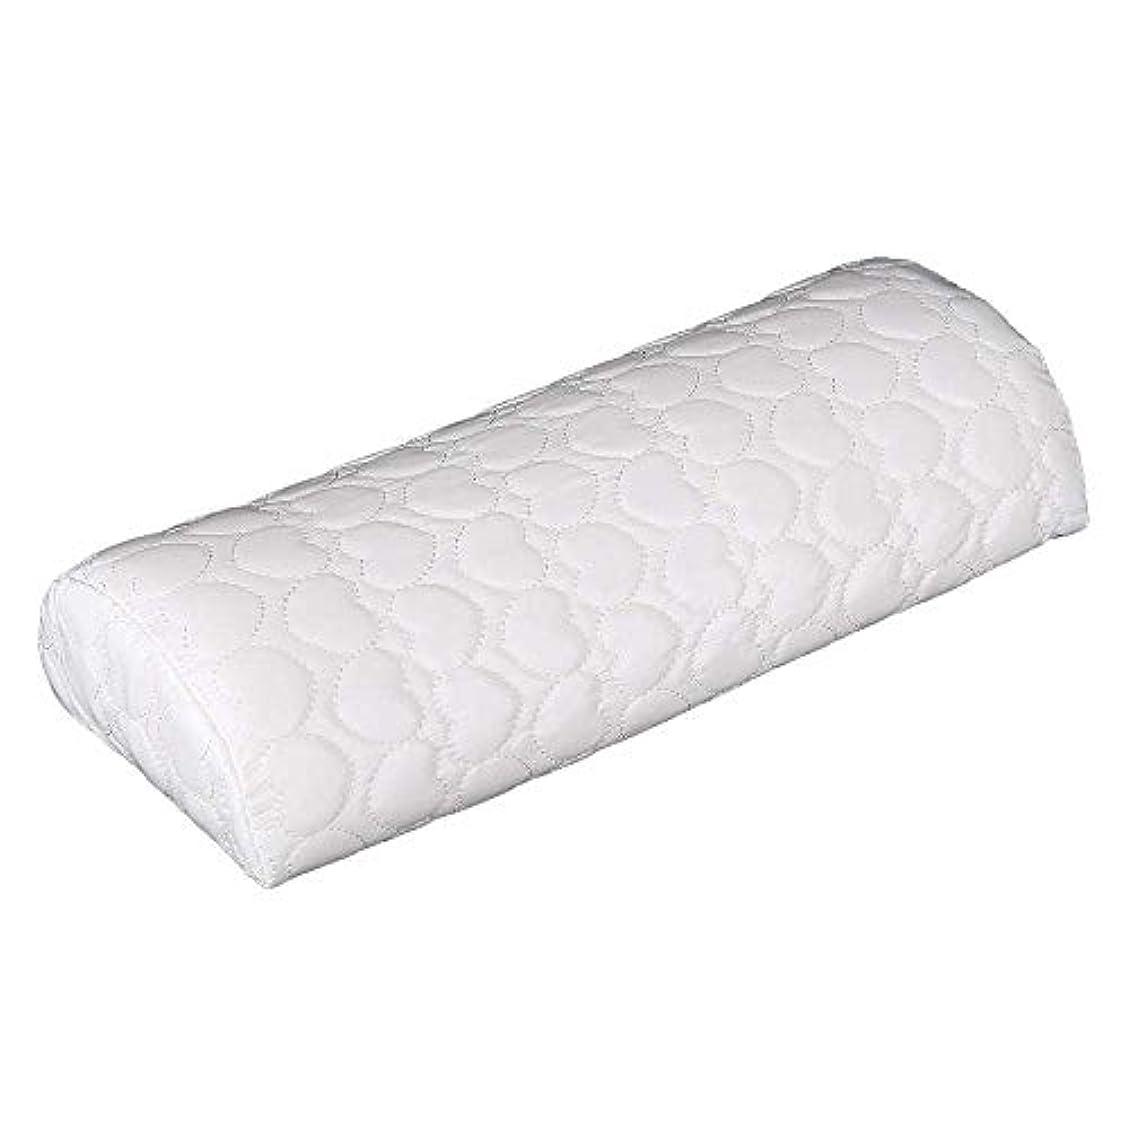 デッドロック明確な気配りのある1st market プレミアム品質 ハンドレストクッション - マニキュアツールハンドレストクッションホルダープロフェッショナルソフトスポンジアームレストレストクッションホワイト